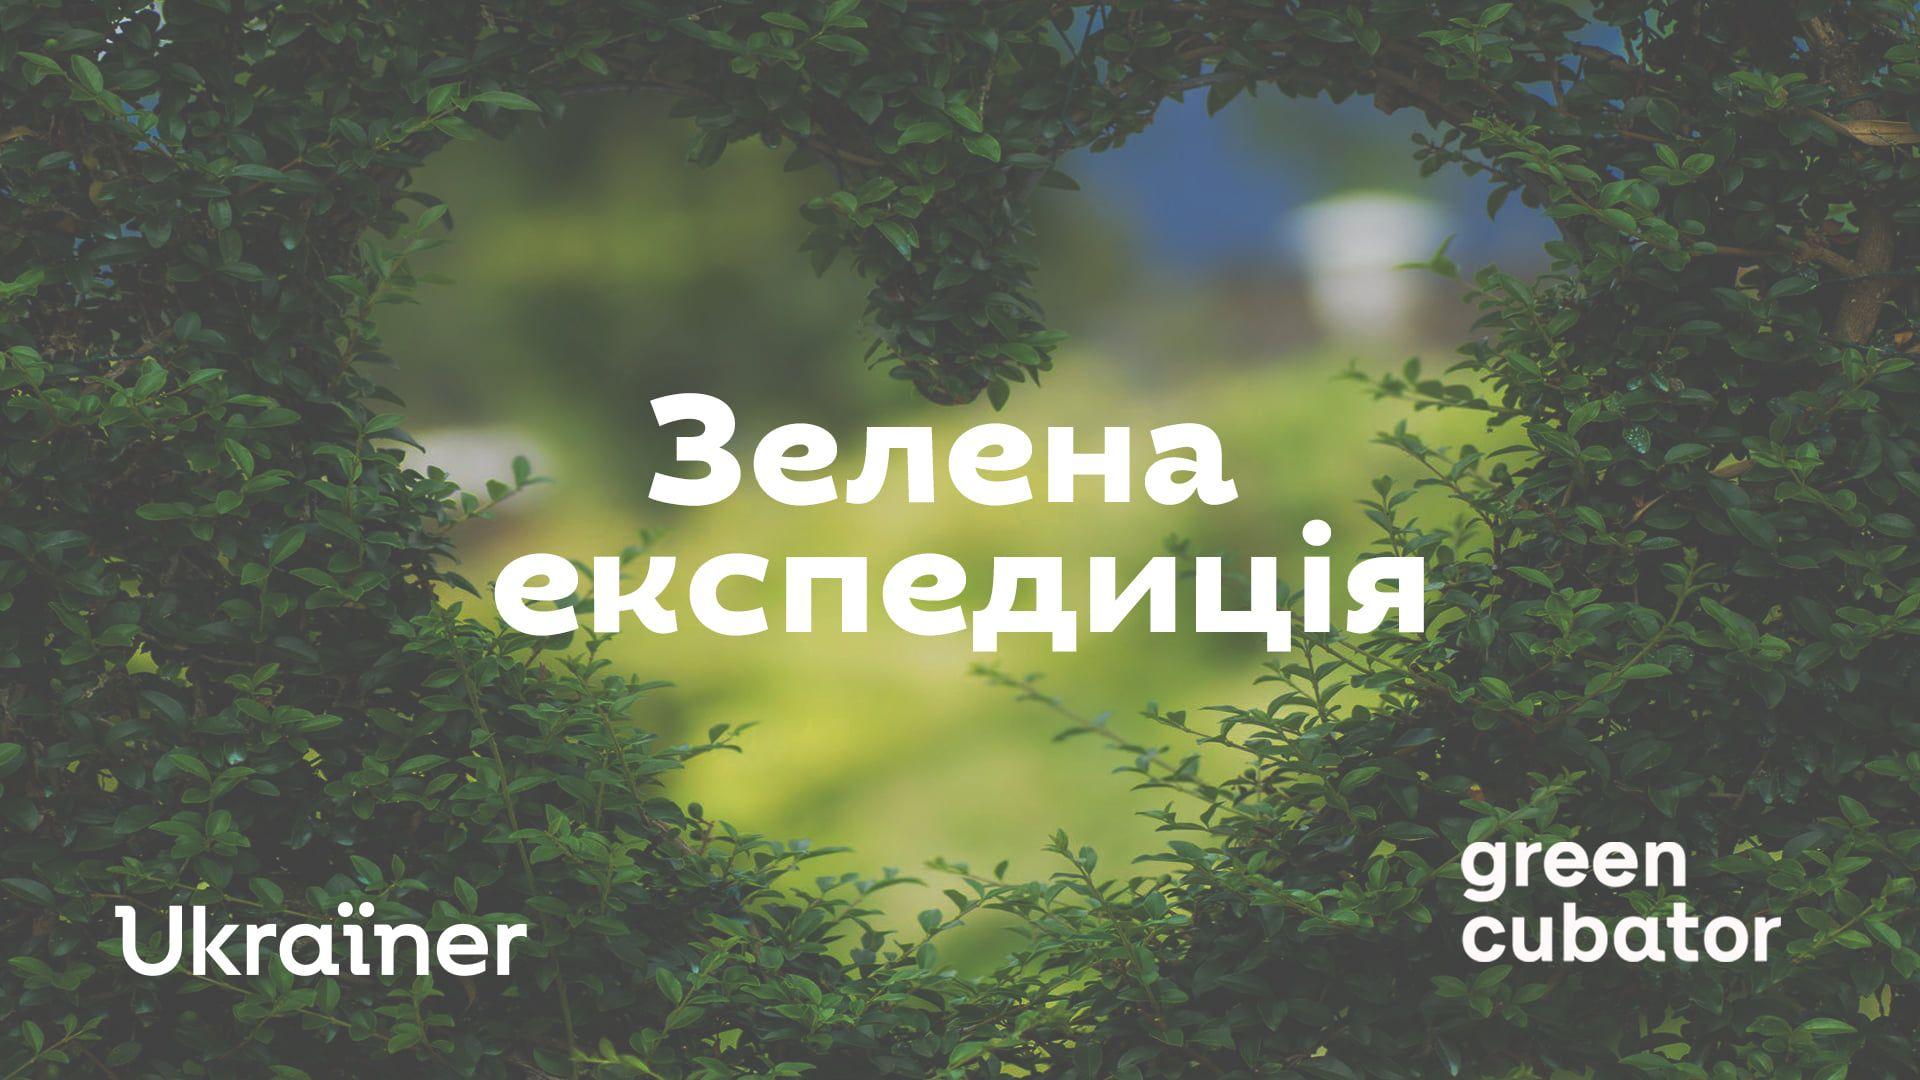 Стартував медіапроєкт про творців дружніх до довкілля ініціатив в Україні